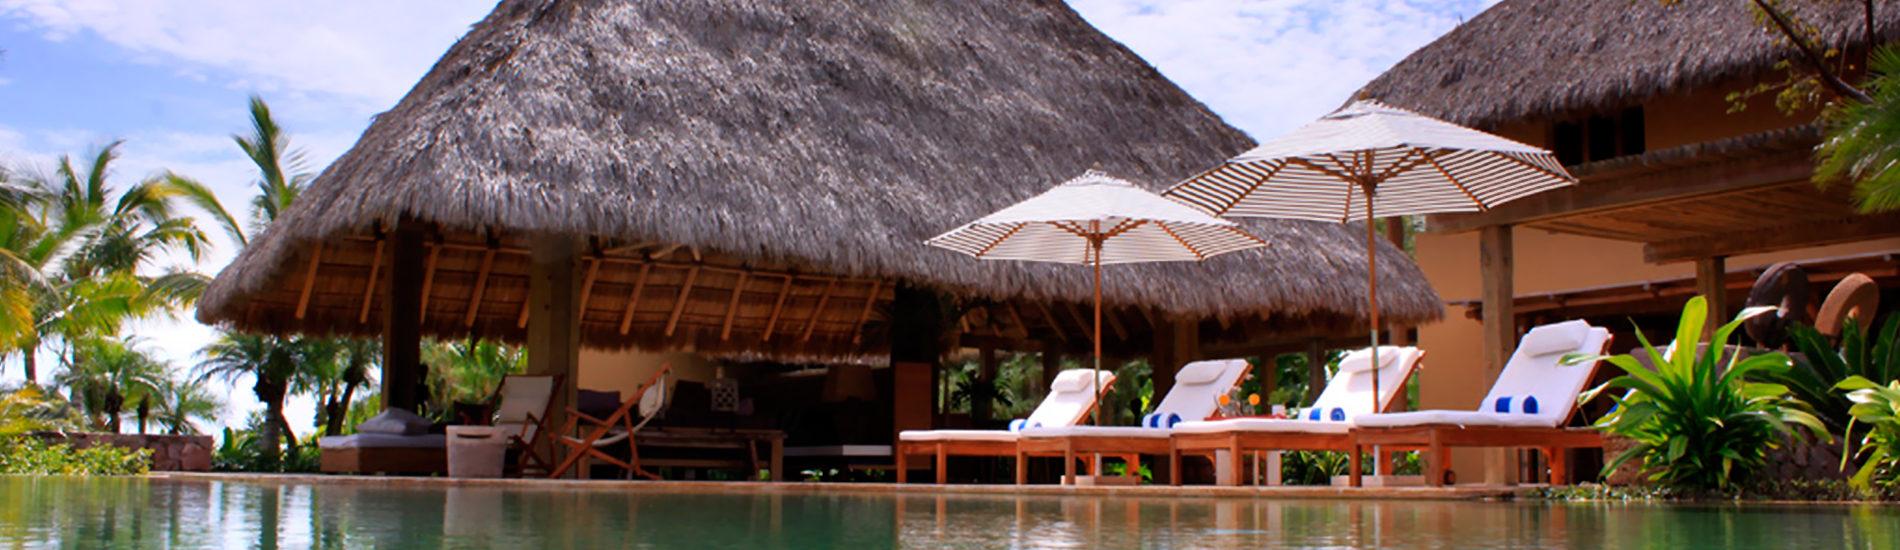 villa aire - punta mita | journey mexico luxury villas